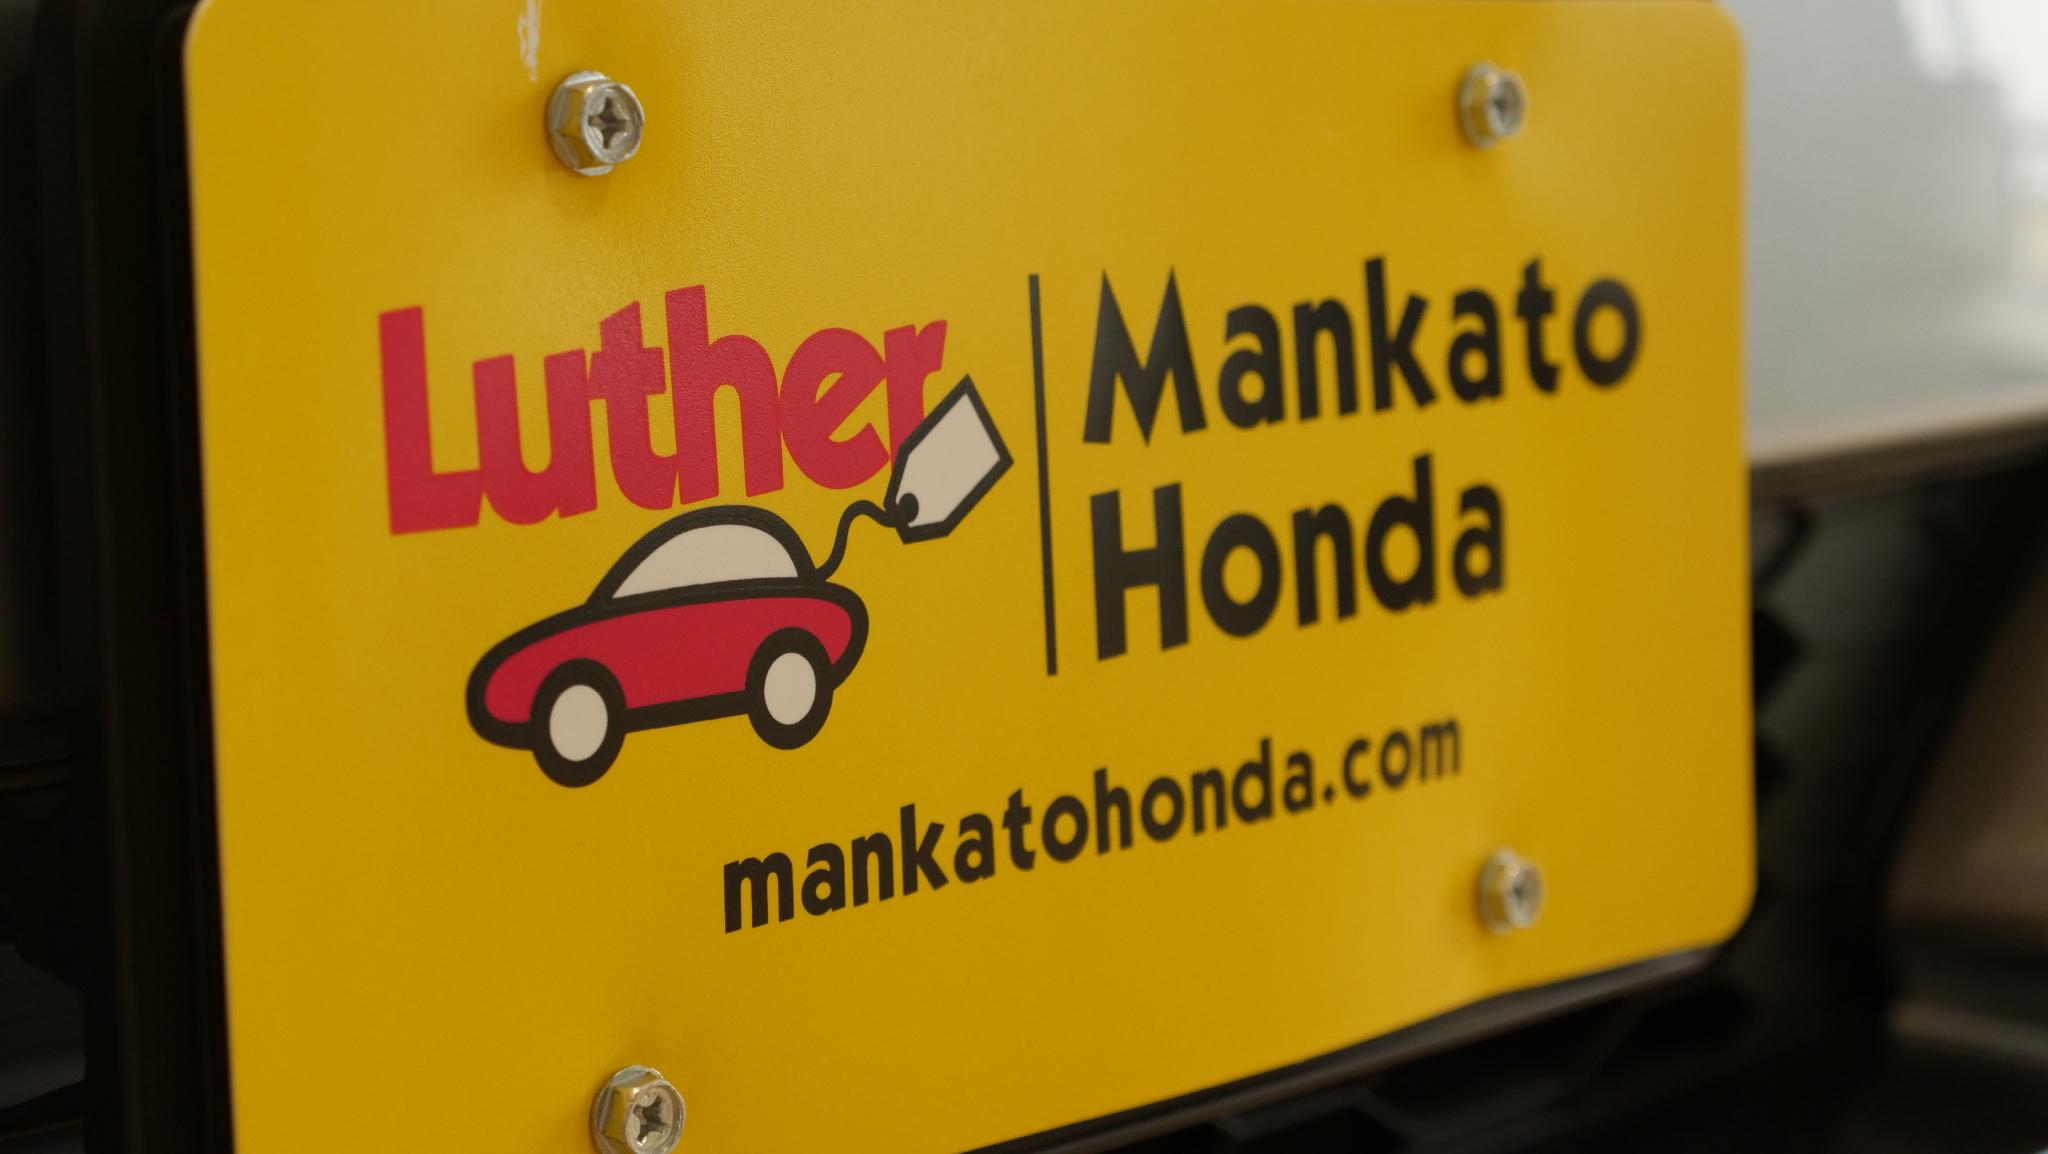 Luther Mankato Honda image 1